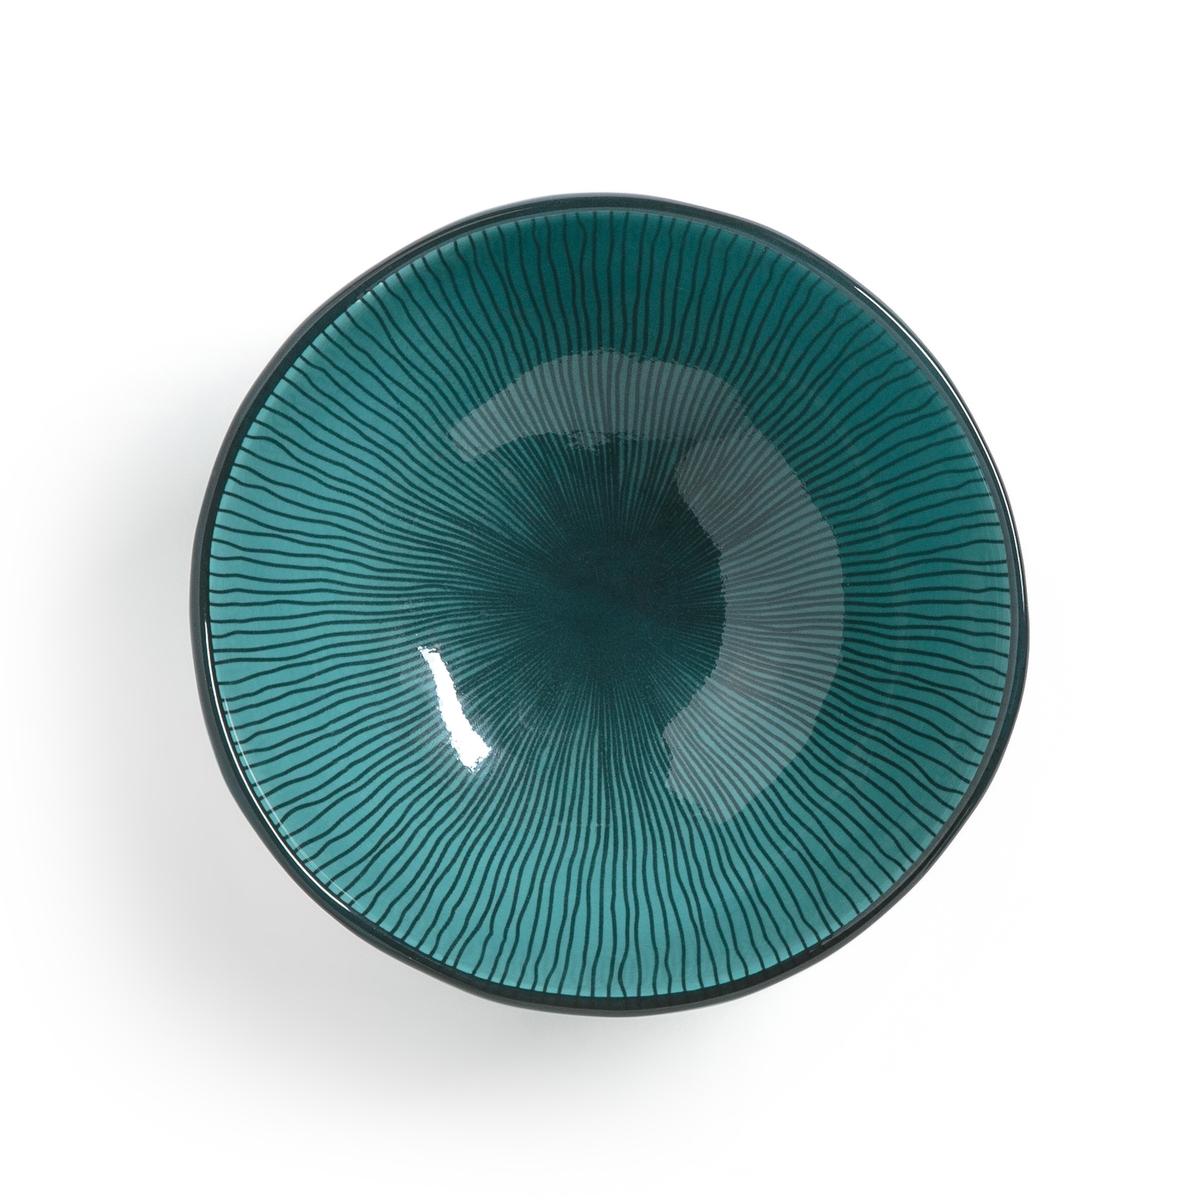 Комплект из 4 чаш двух цветов, SOLJANEОписание:Комплект из 4 чаш La Redoute Interieurs с рисунком в виде линий с внутренней стороны и контрастным краем. Характеристики 4 чаш : •  Эмалированная керамика •  Волнистый контур •  Подходит для мытья в посудомоечной машинеРазмеры 4 чаш : •  Диаметр : 14 см •  Высота : 5 смВсю коллекцию столового декора вы найдете на сайте laredoute.ru<br><br>Цвет: голубой,сине-зеленый